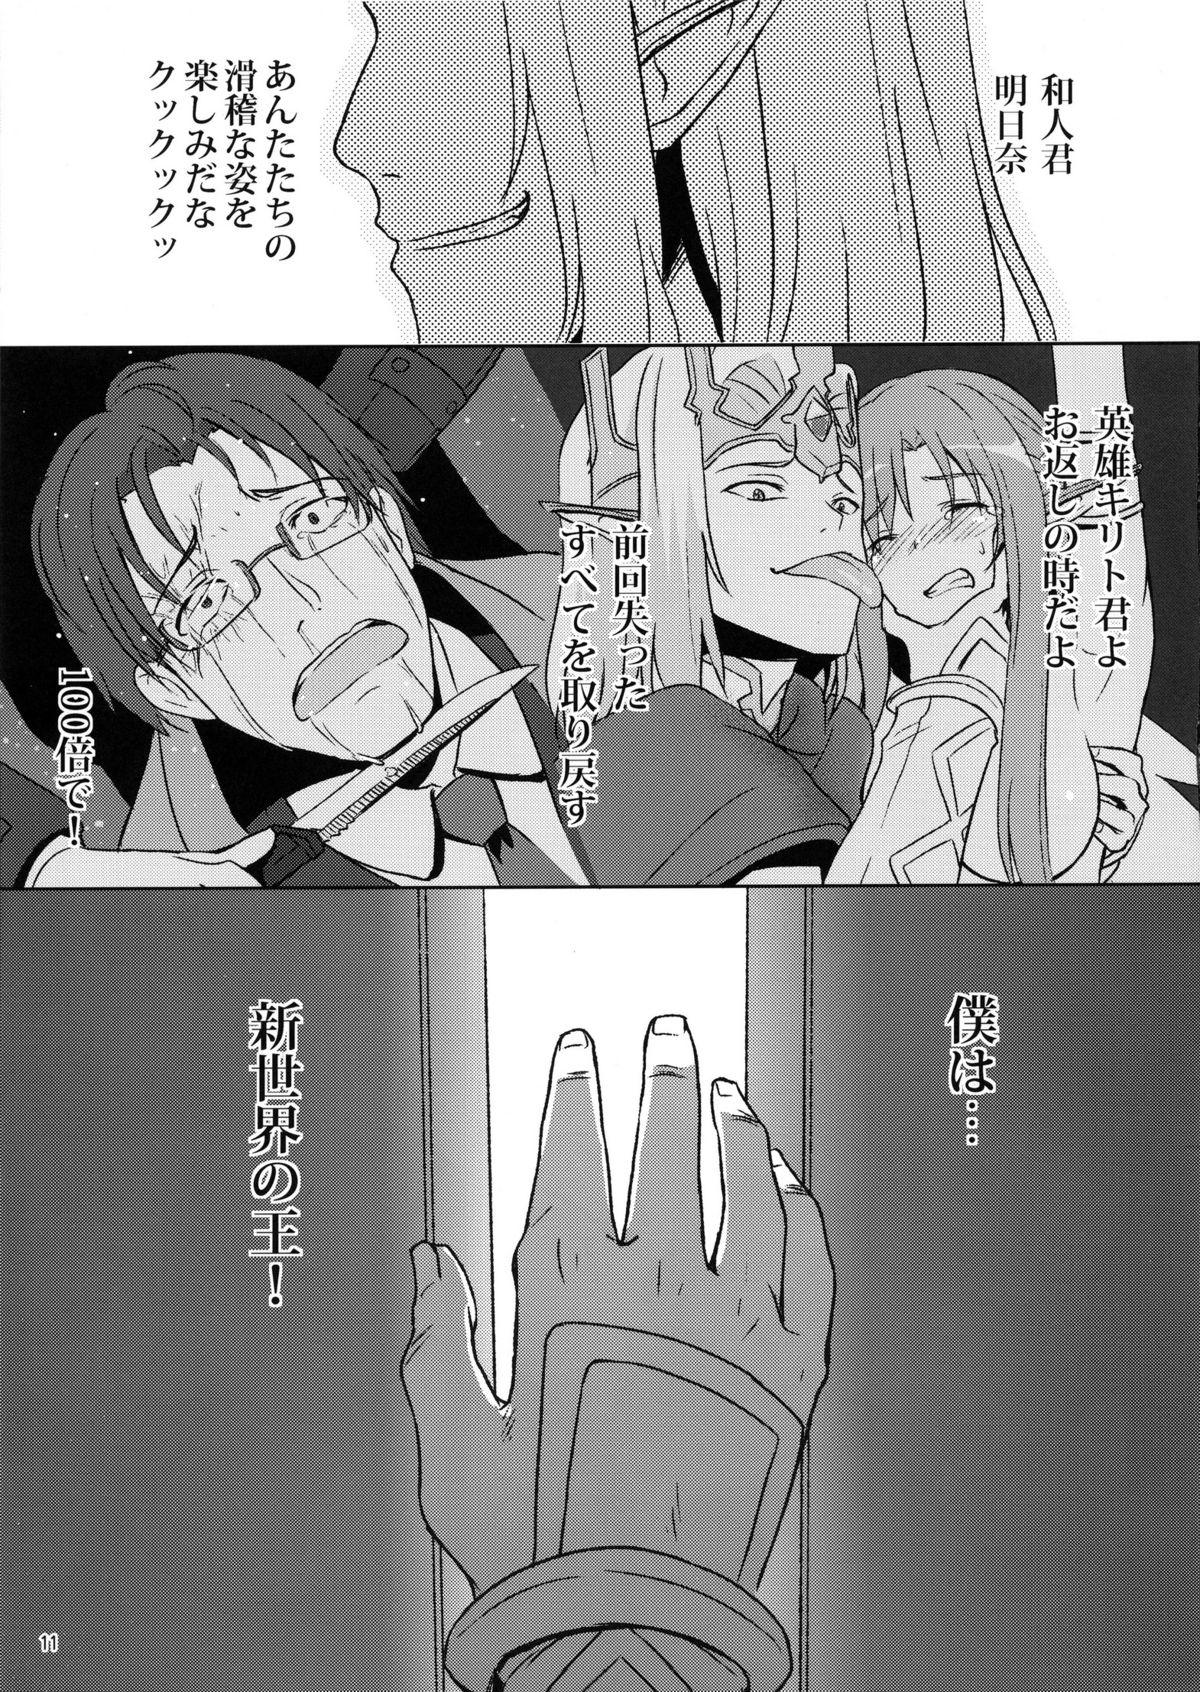 BAD END HEAVEN 9